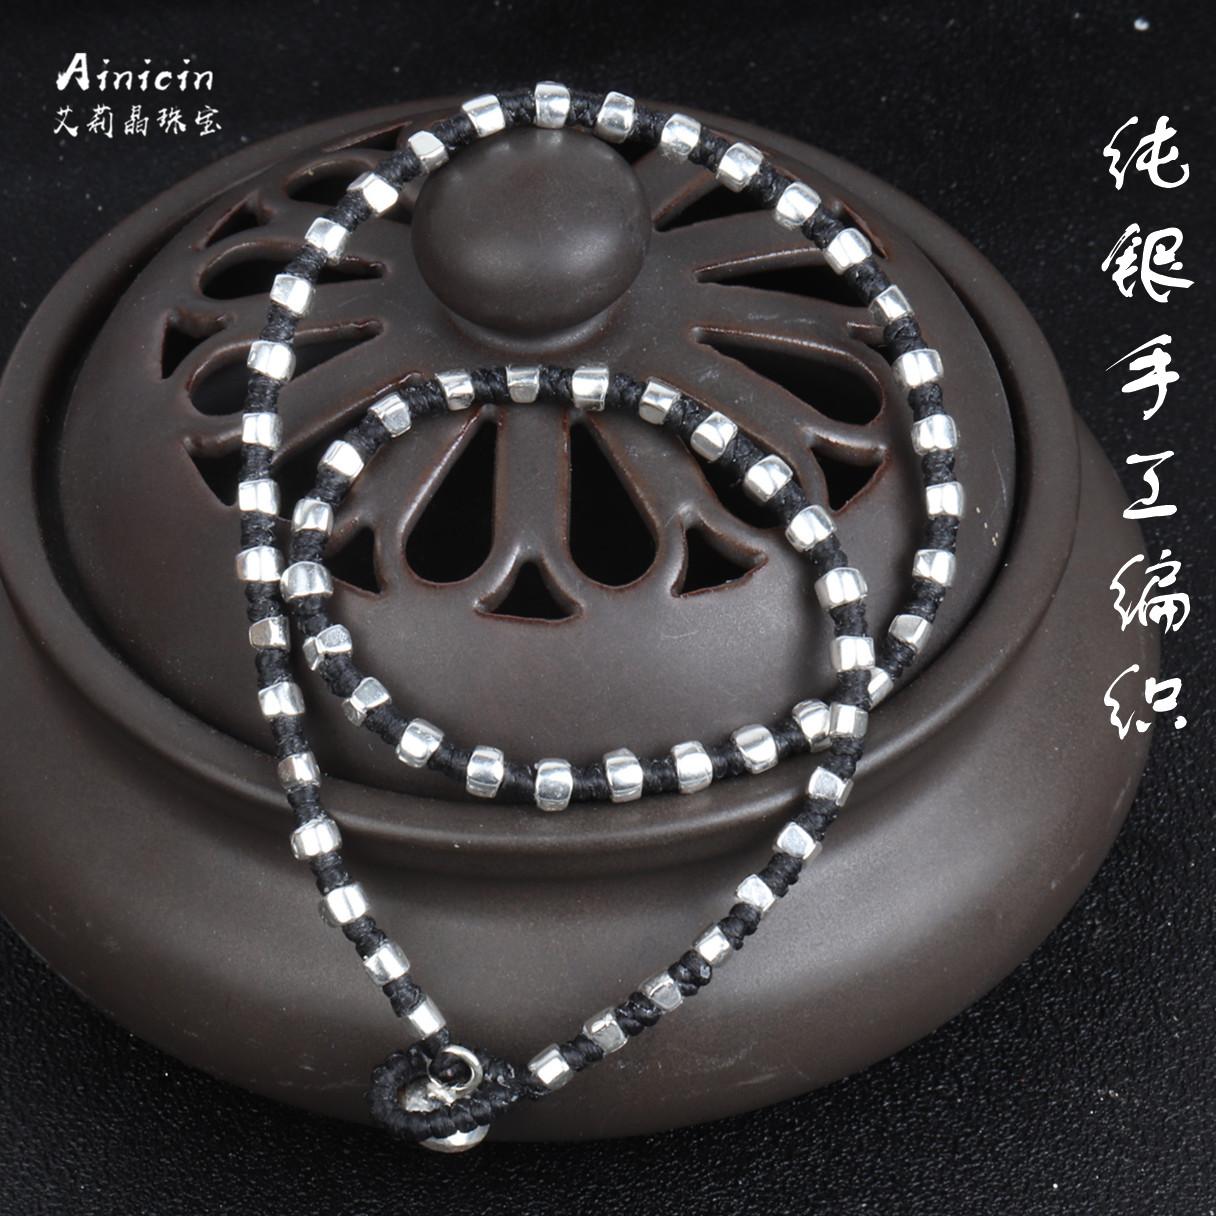 泰国清迈手工蜡绳编织项链女不规则 纯银豆豆链轻奢小众锁骨链  925